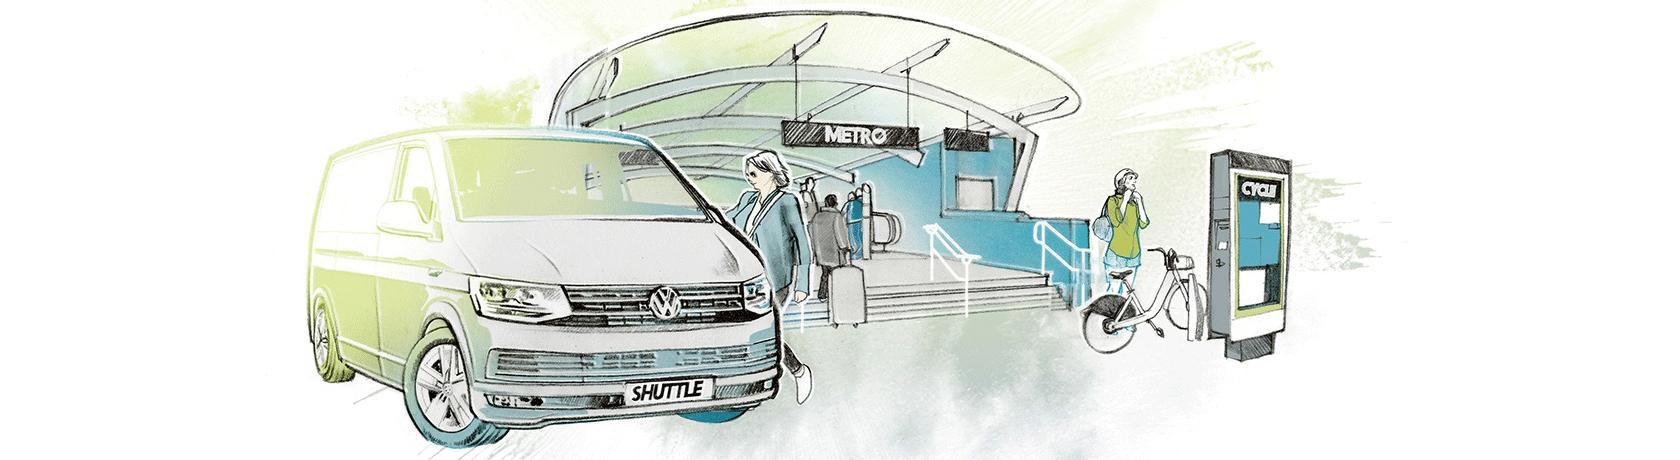 Autonoma, digitale, a emissioni zero: è la mobilità del domani